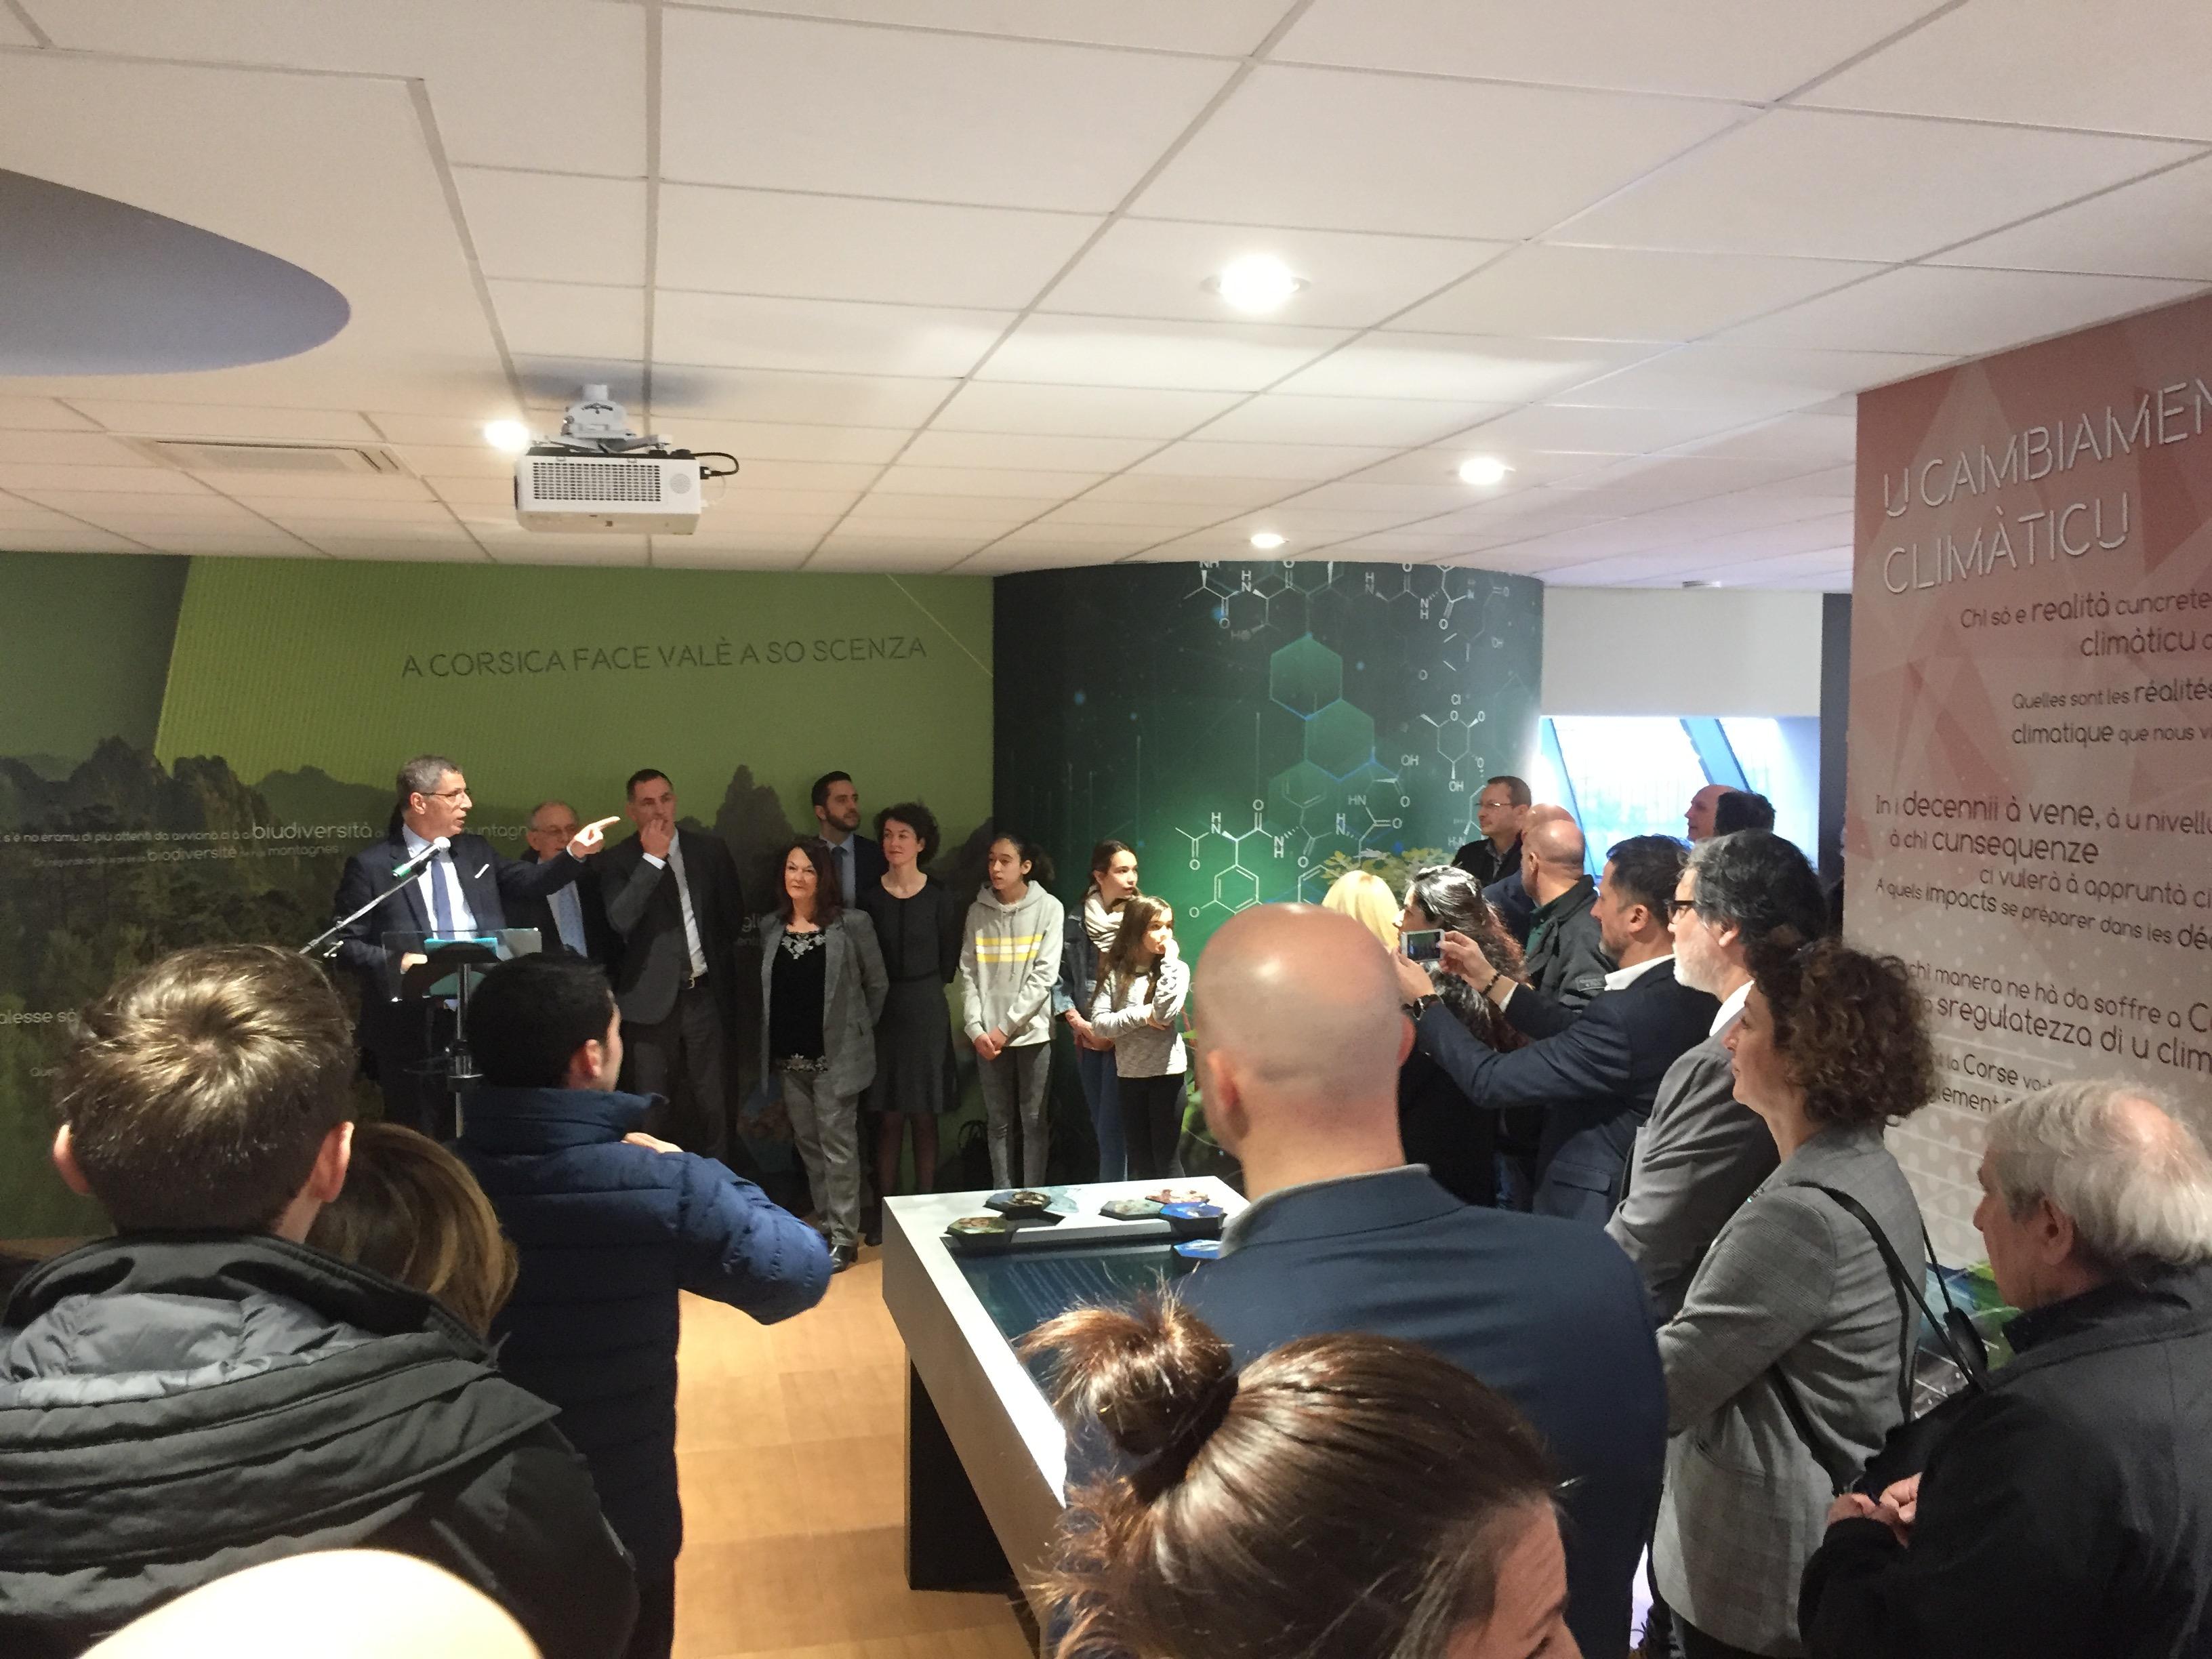 Une nouvelle maison des sciences, A Casa di e Scenze, a ouvert ses portes à Bastia